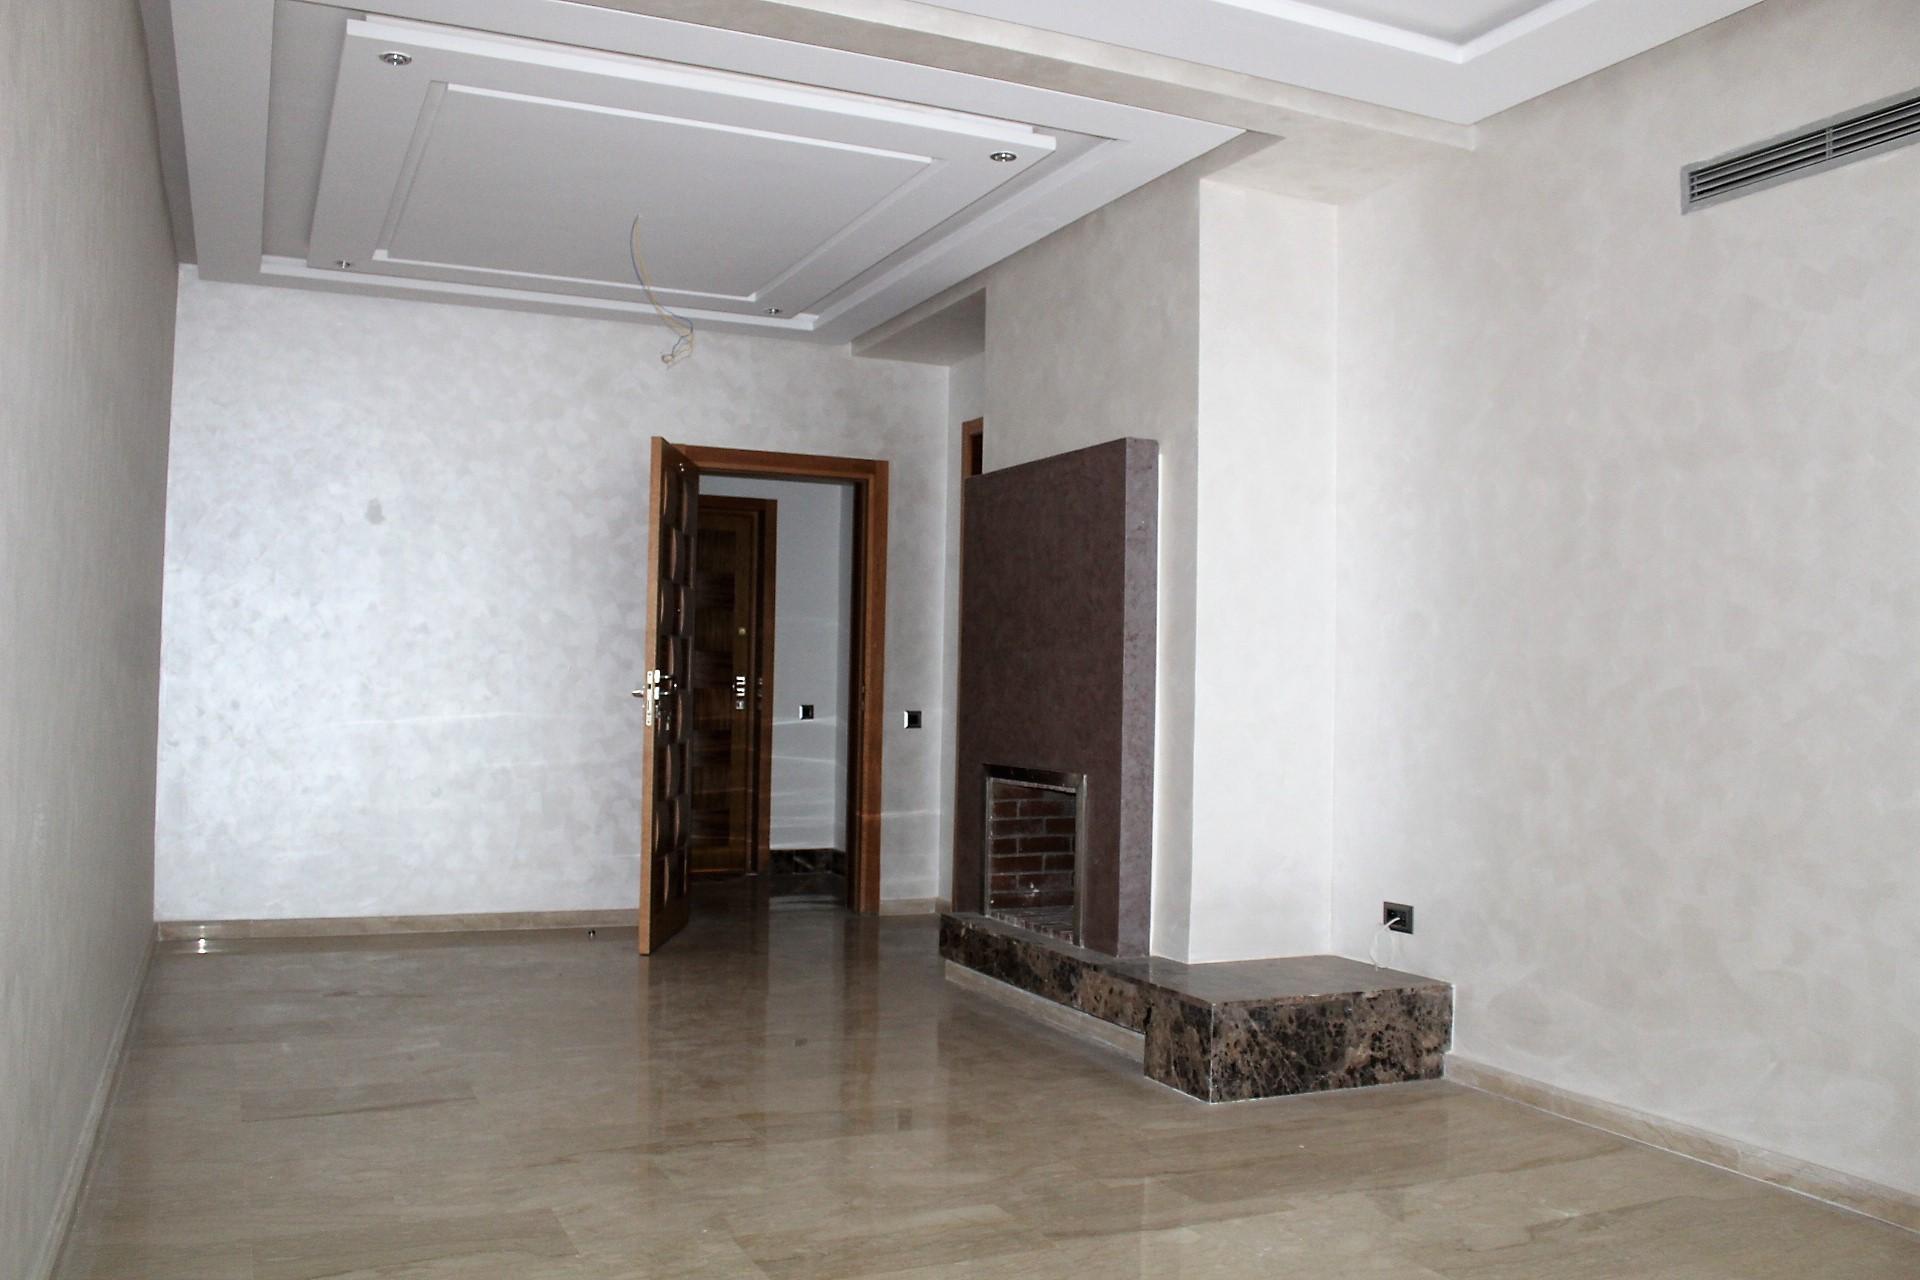 Casablanca, à louer appartement neuf de 89 M2 bourgeois